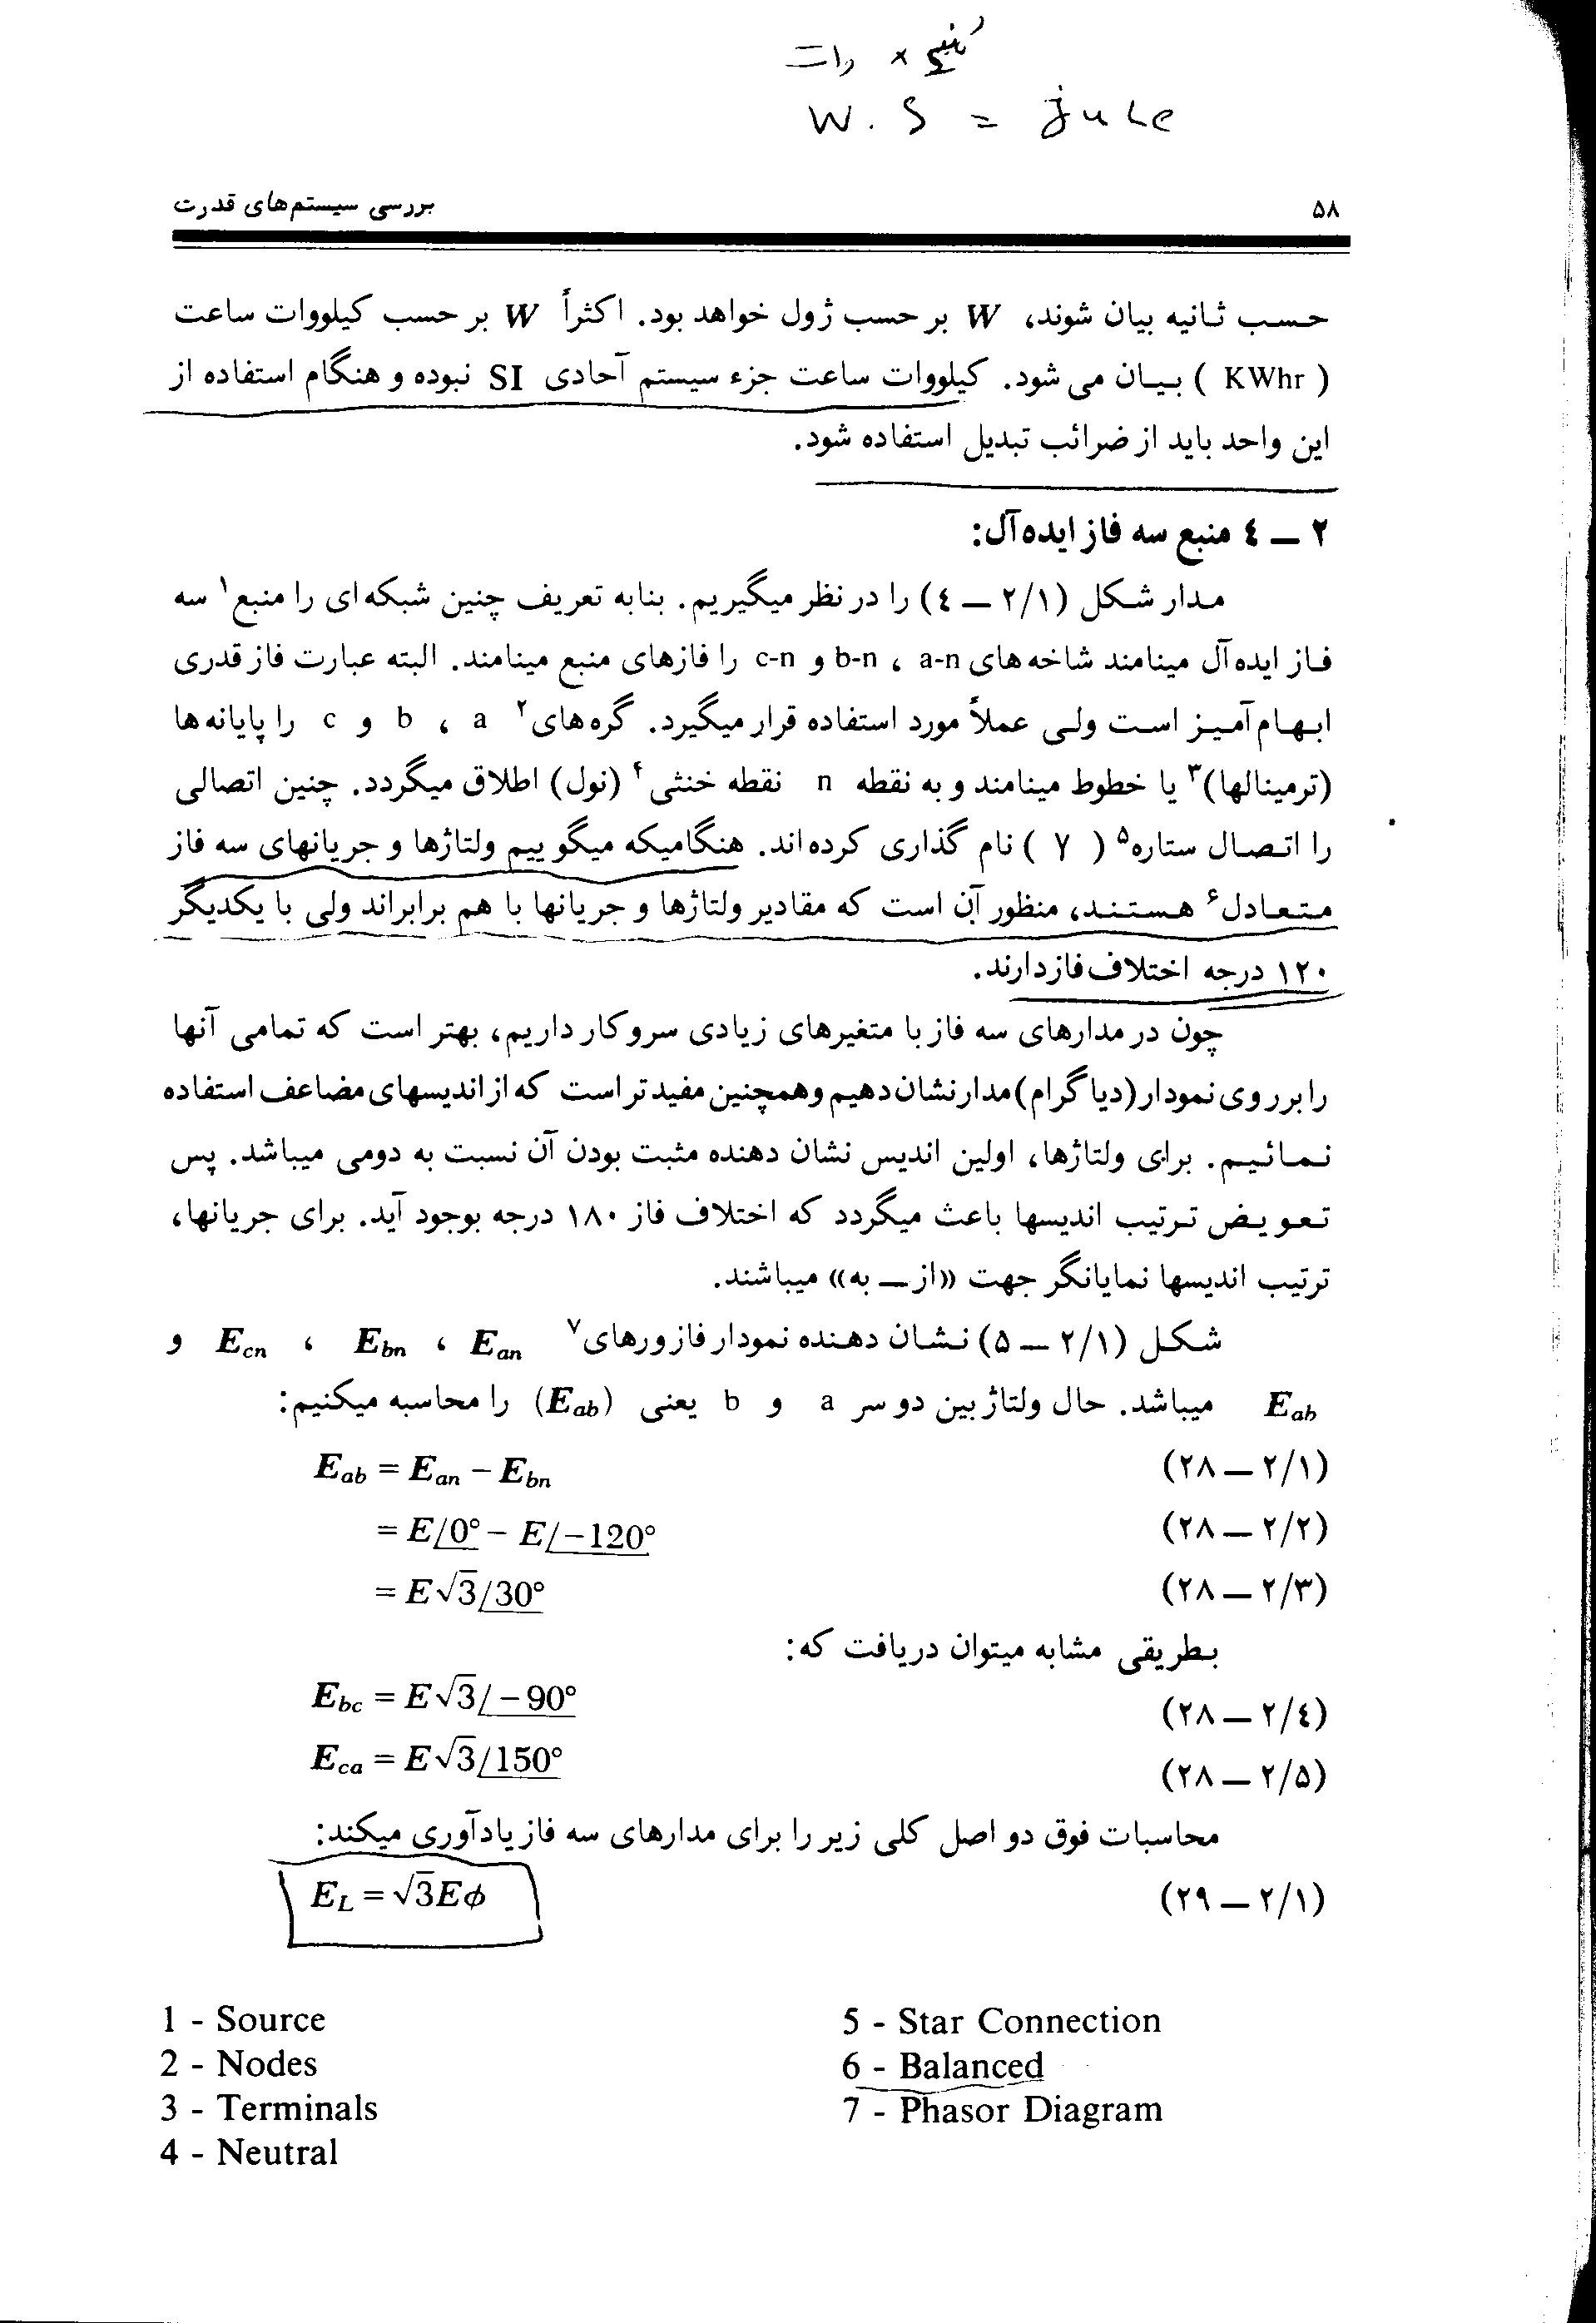 تشریح کامل بررسی سیستم های قدرت هادی سعادت به زبان فارسی